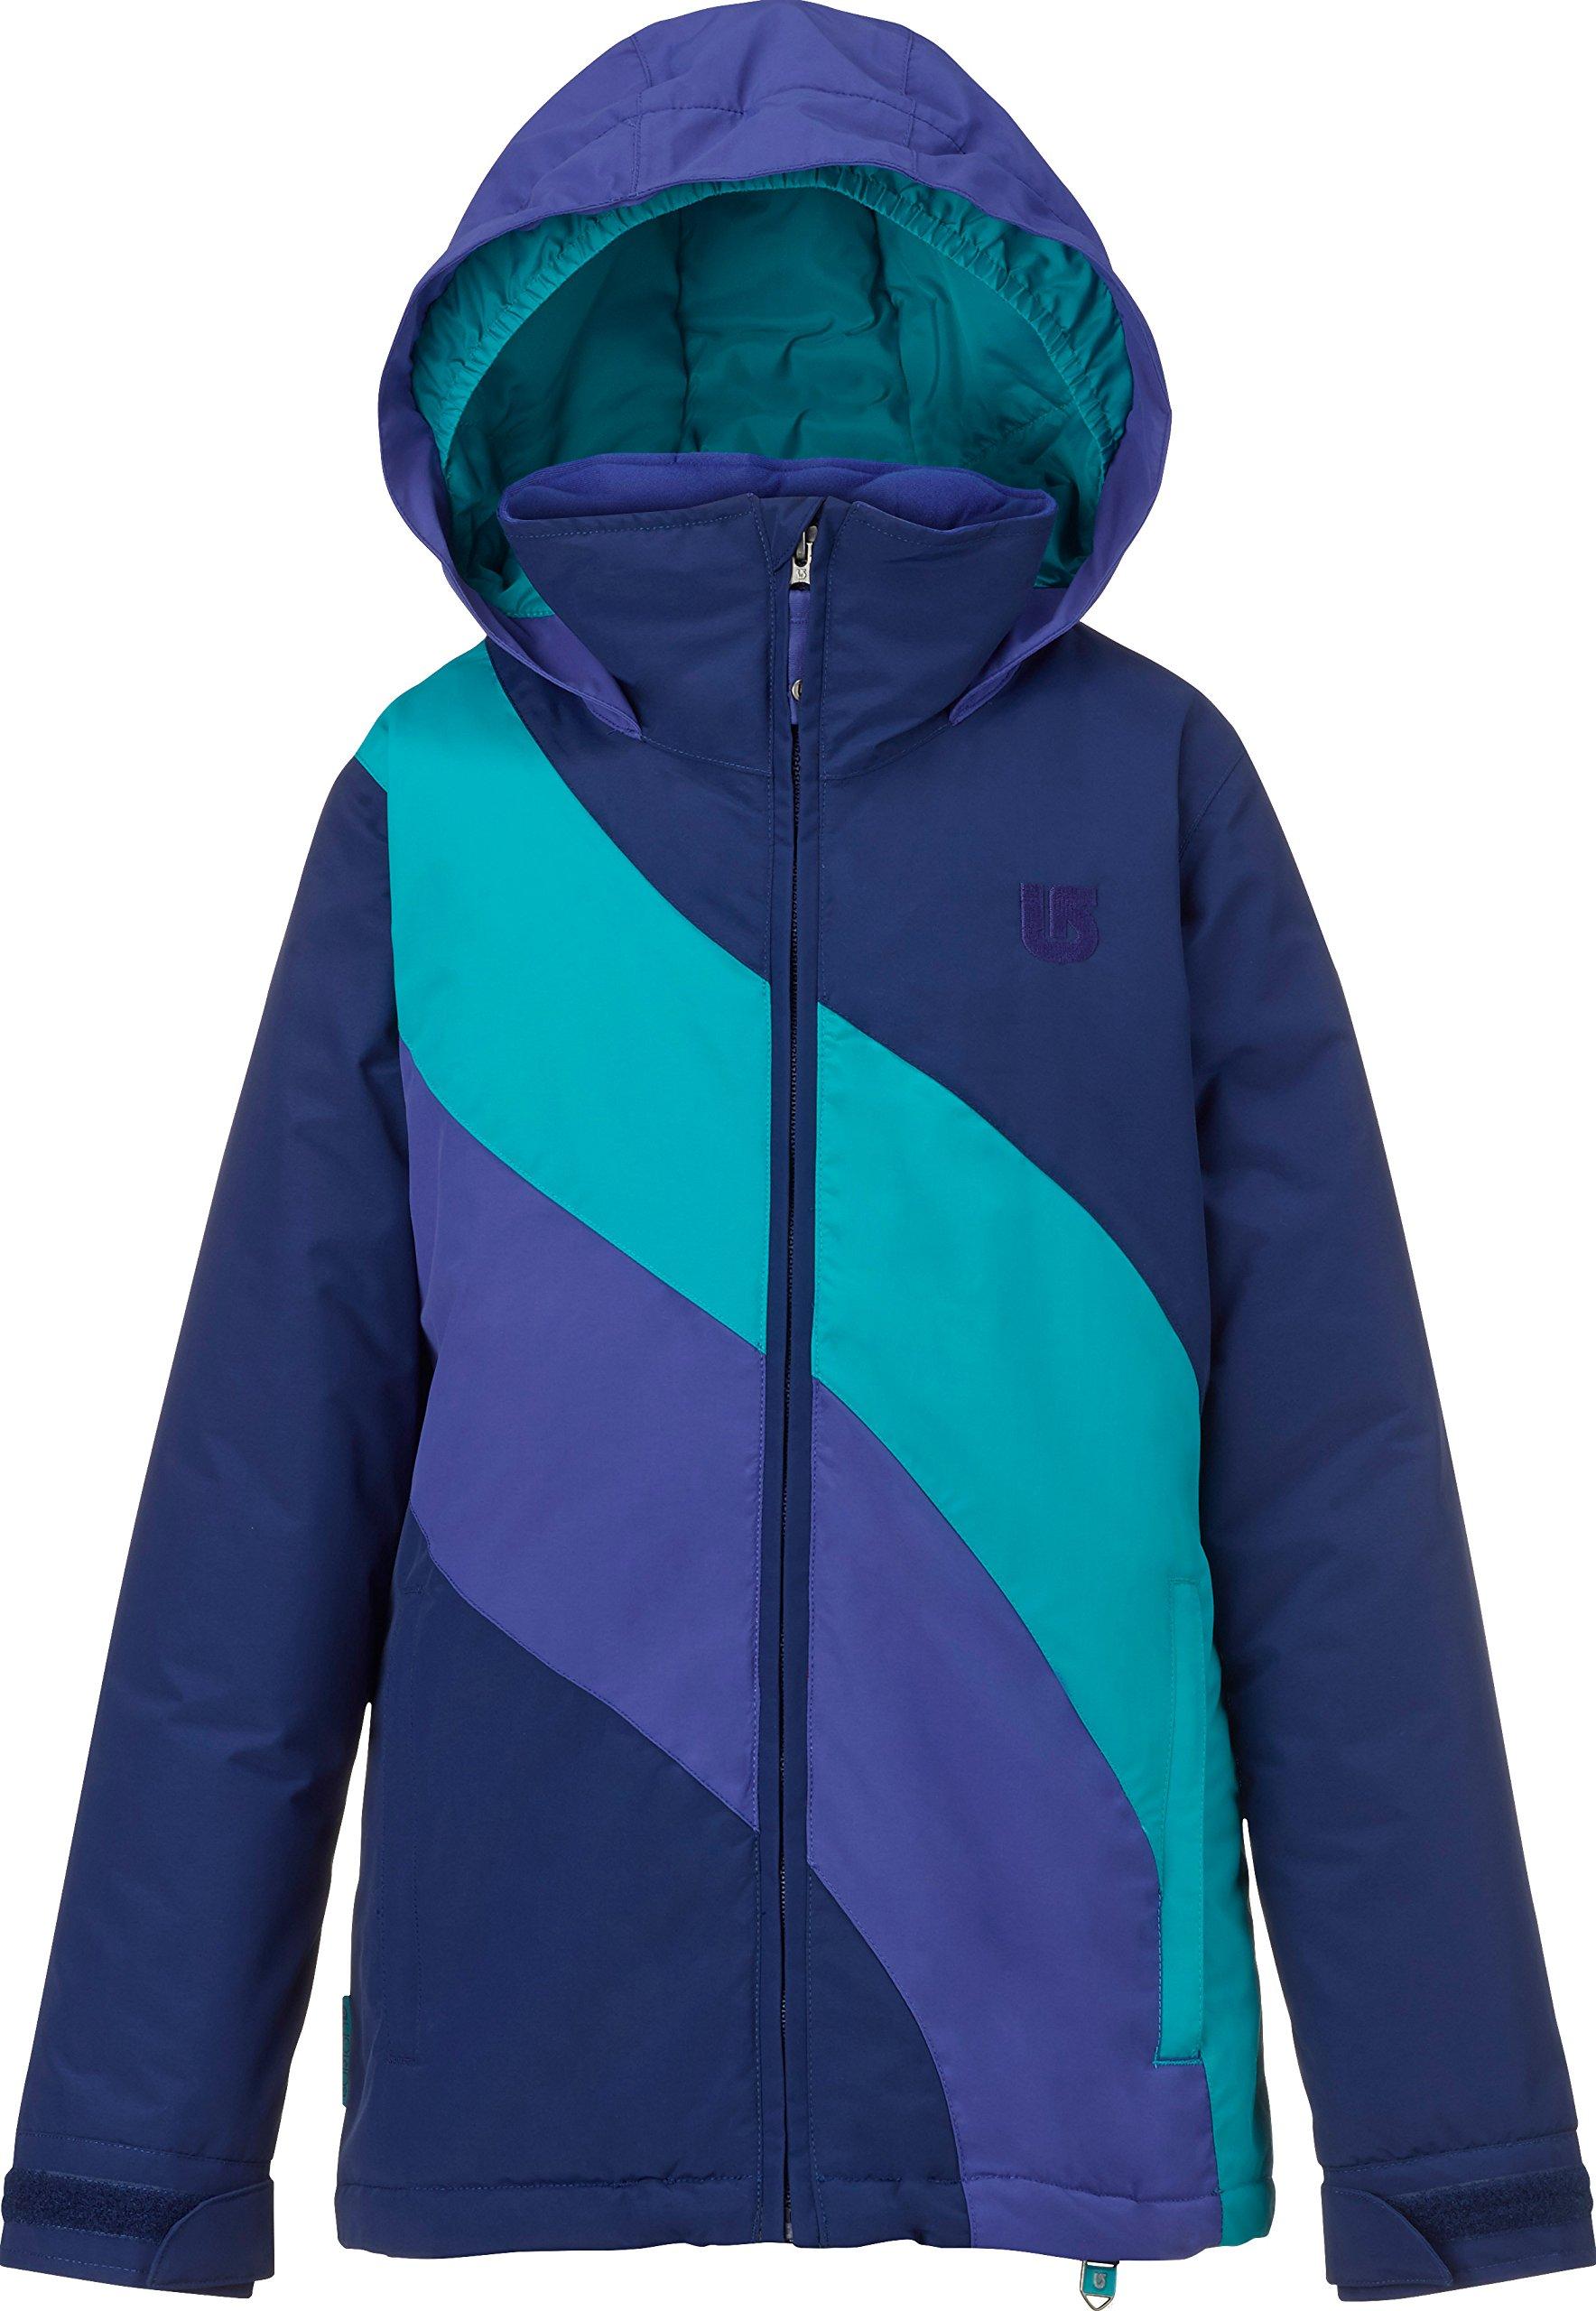 Burton Girls 115701 Hart Jacket, Spellbound Block - S by Burton